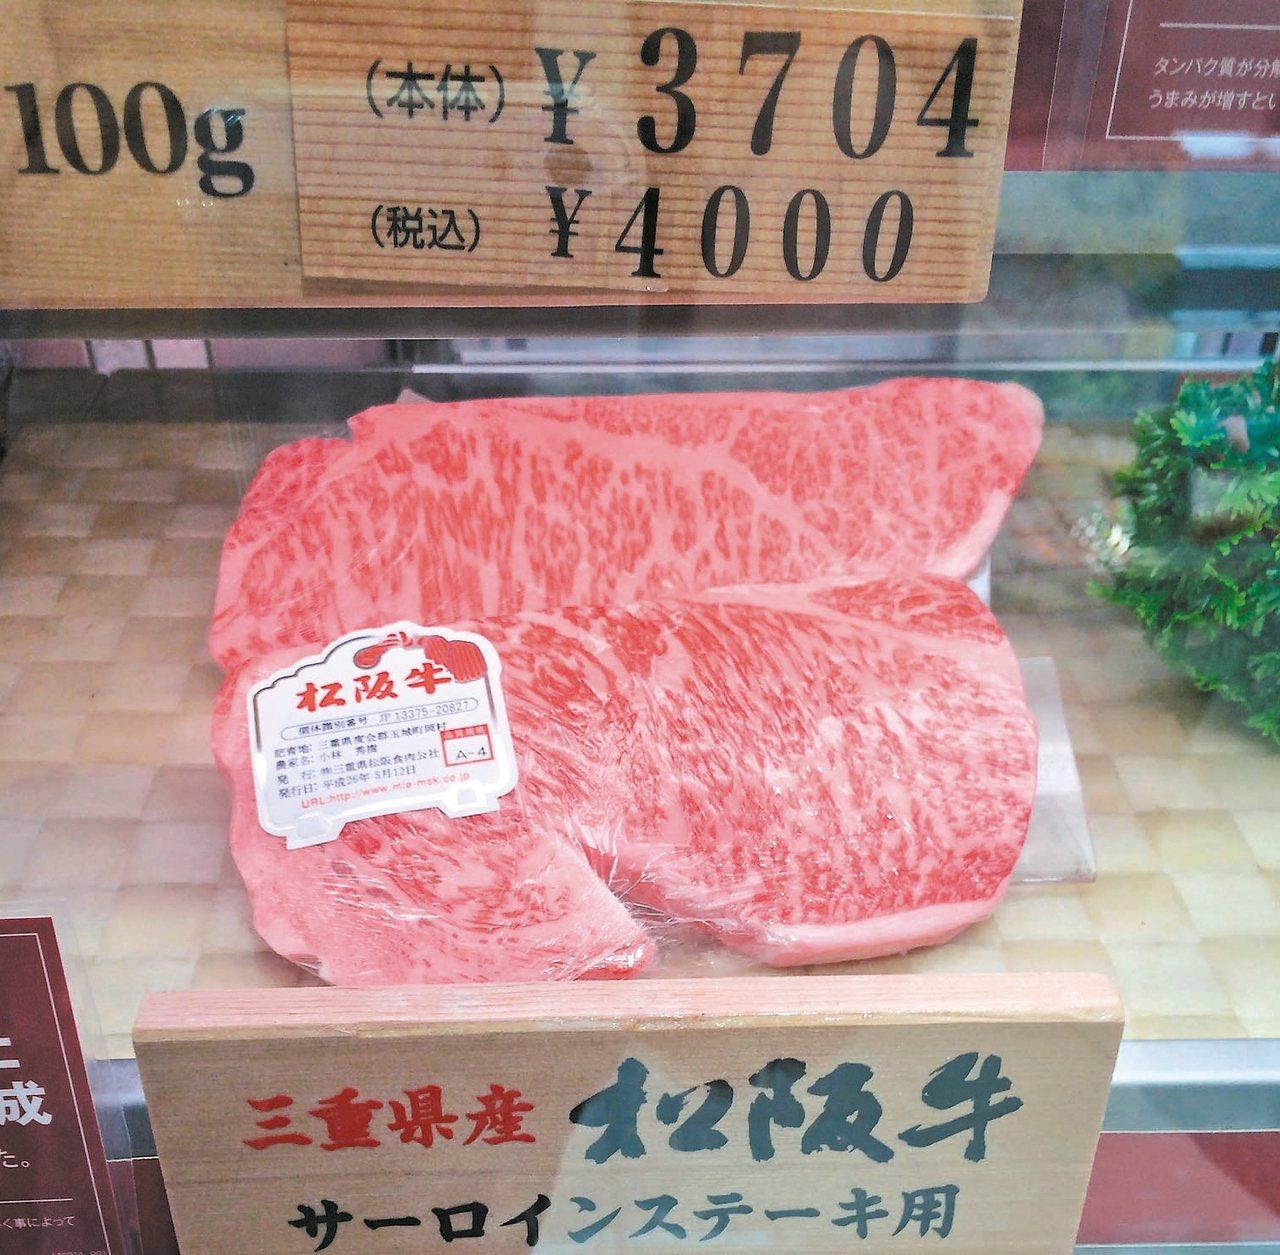 日本、荷蘭及瑞典牛肉將有條件進口;圖為日本和牛。 記者陳易辰/攝影